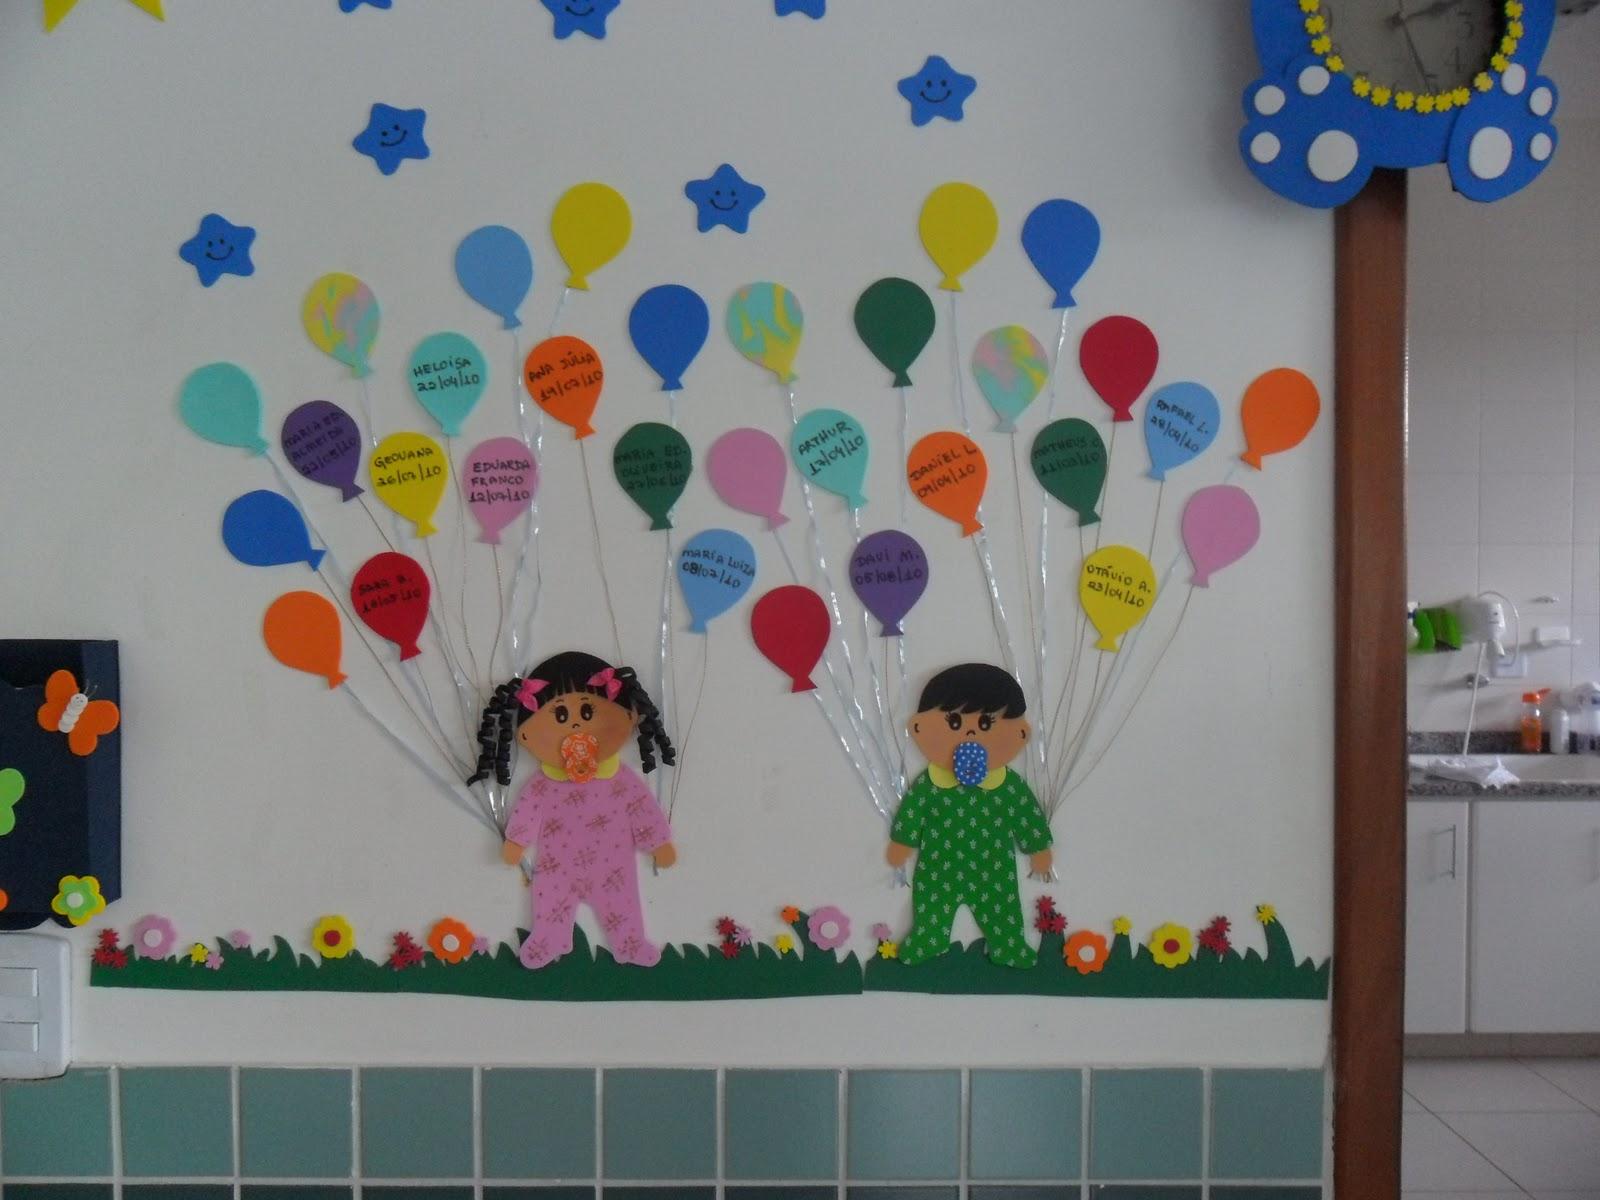 decoracao de sala infantil escola dominical : decoracao de sala infantil escola dominical:Criancas Trabalhos Em Eva